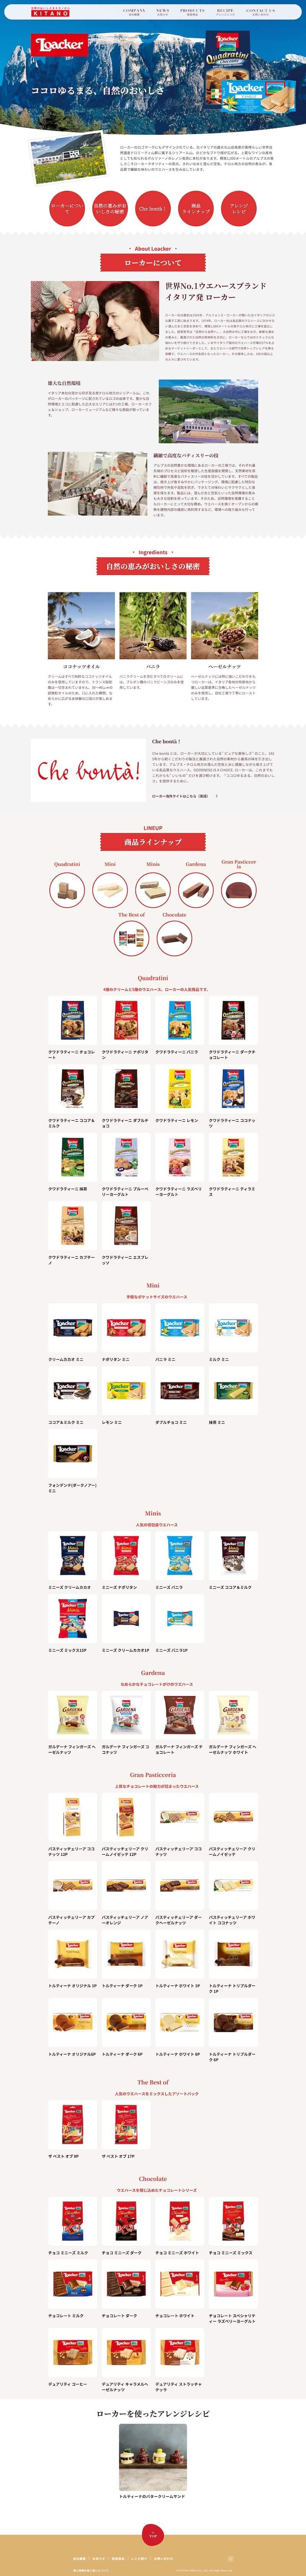 キタノ商事ブランド詳細ページキャプチャ画像